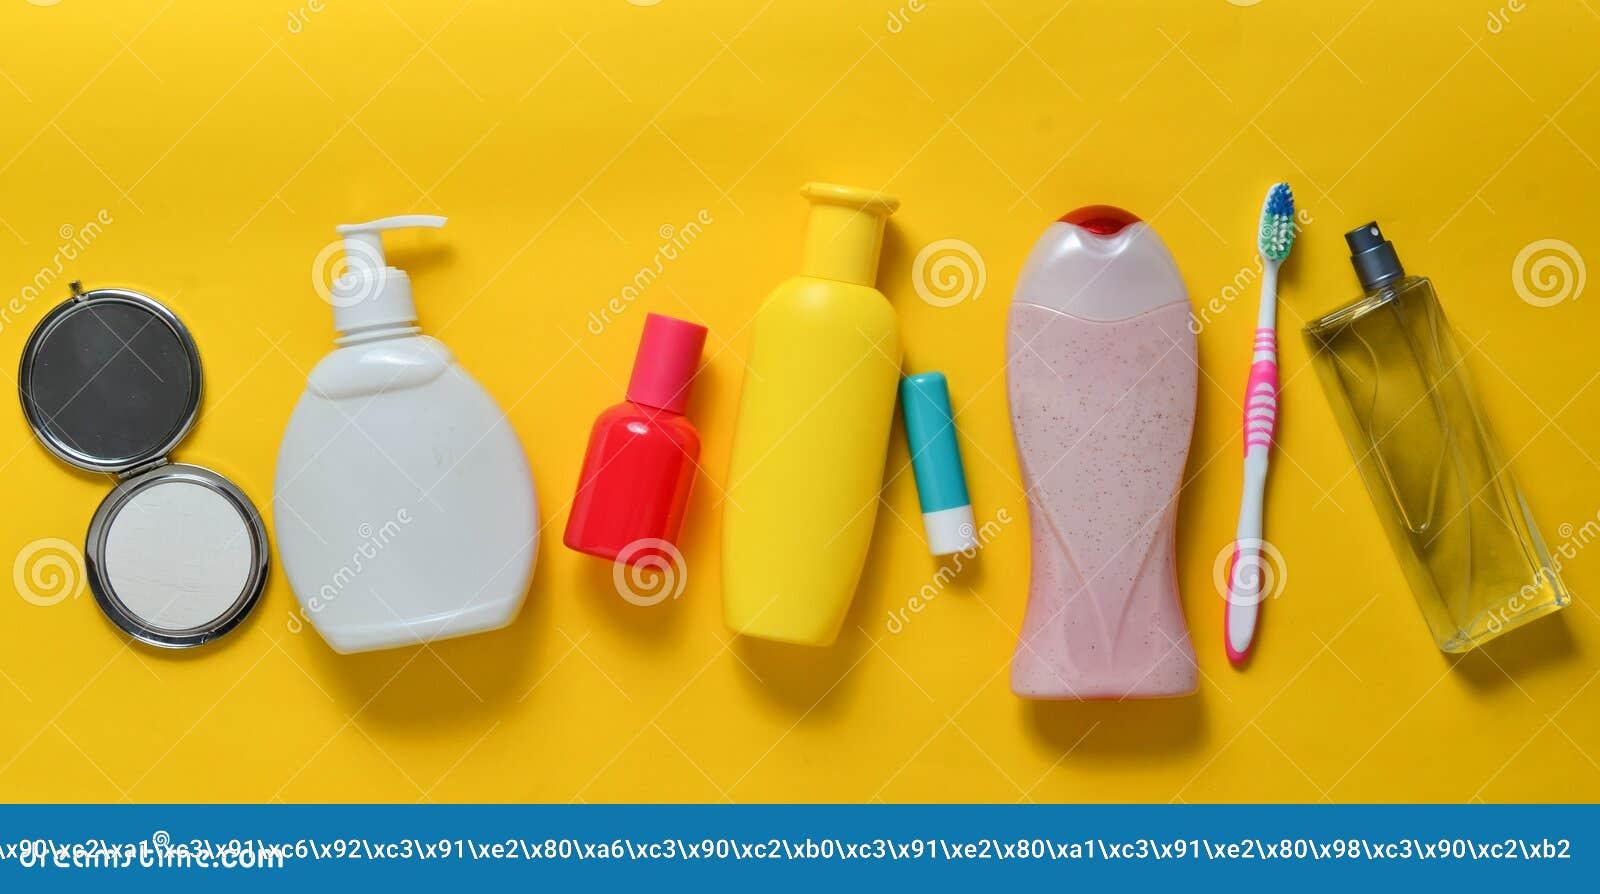 Produkty dla piękna, opieki i higieny na żółtym pastelowym tle, Szampon, pachnidło, pomadka, prysznic gel, toothbrush